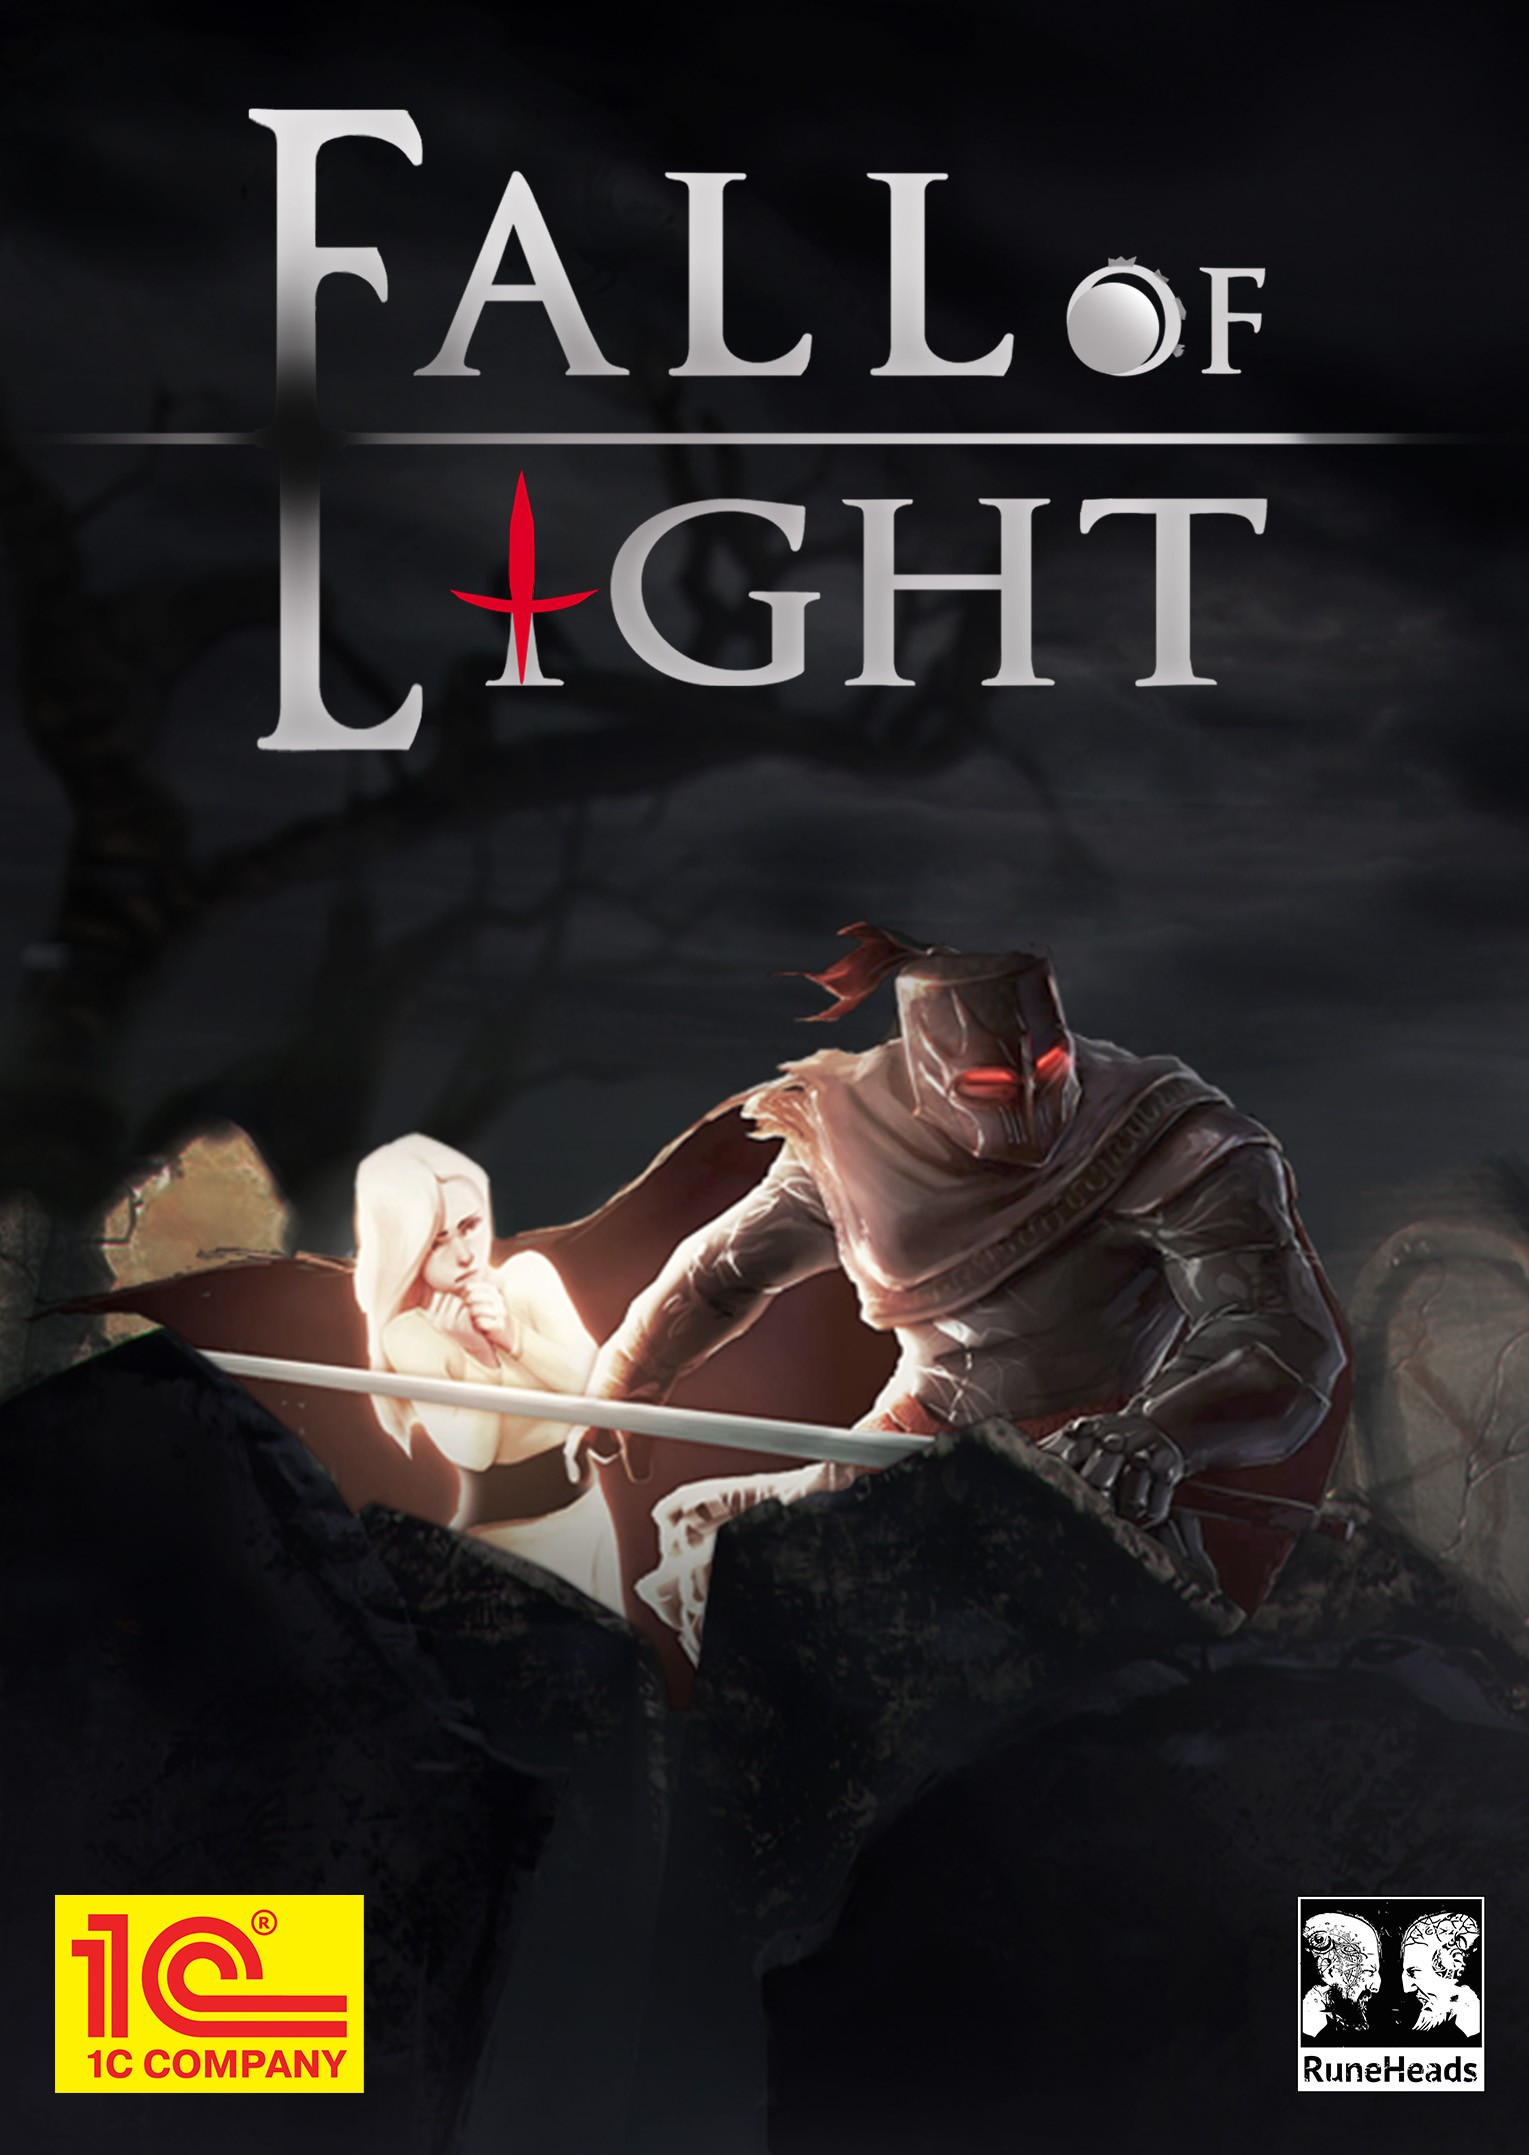 Fall of Light (Цифровая версия)Fall of Light переносит нас в мир тьмы, где главный герой, пожилой рыцарь, ведет свою дочь, чтобы показать ей последние остатки света. Только вместе они смогут победить исчадия тьмы, встающие у них на пути. Недостаток света и стилизованная графика подчёркивают мрачную атмосферу как надземного мира Fall of Light, так и подземного, где находится колыбель зла, угрожающая уничтожить всё живое.<br>